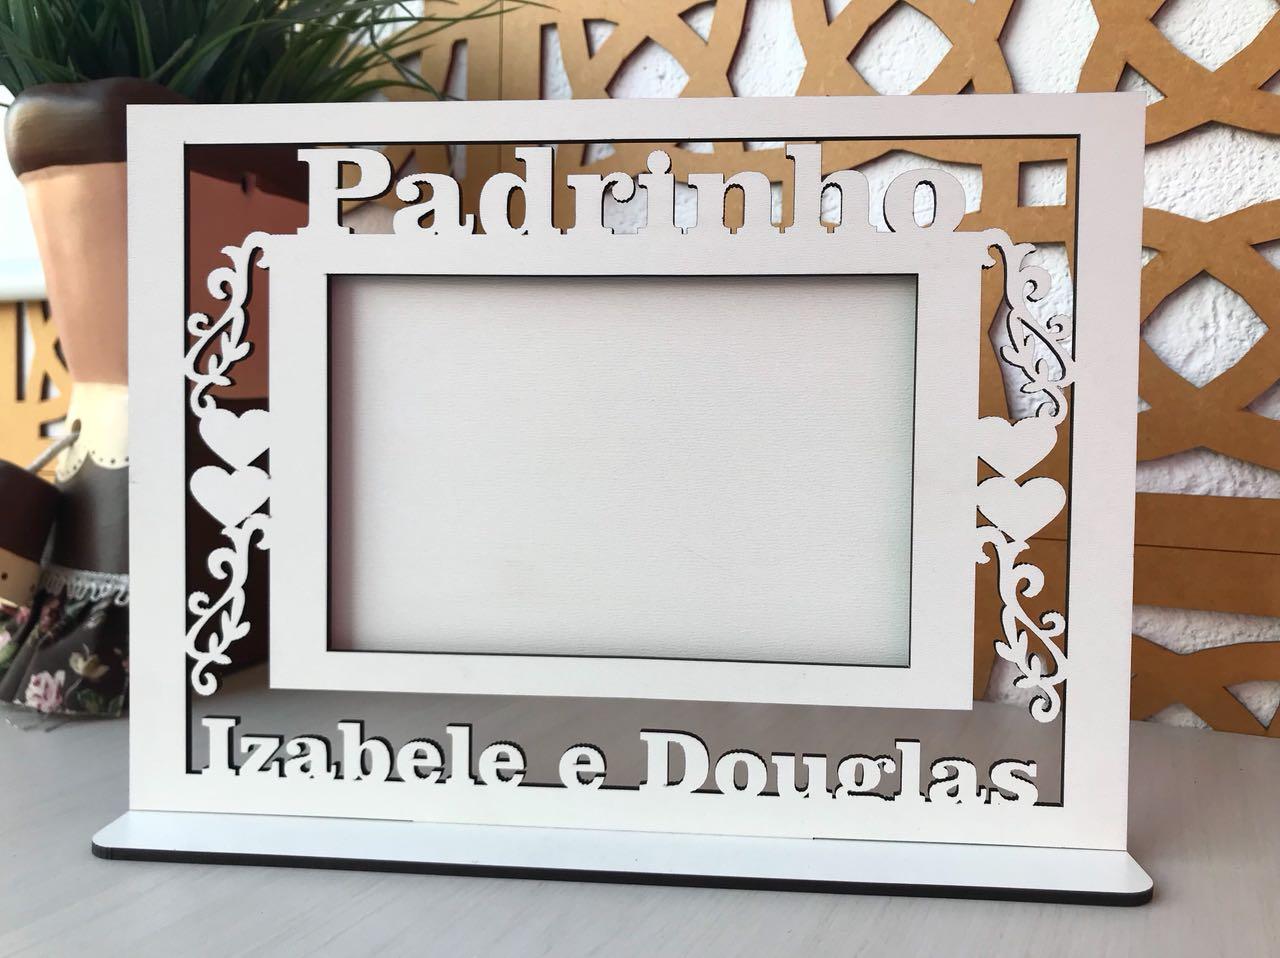 Kit 10 peças Quadros Porta Retratos PADRINHO Casamento - MDF Branco